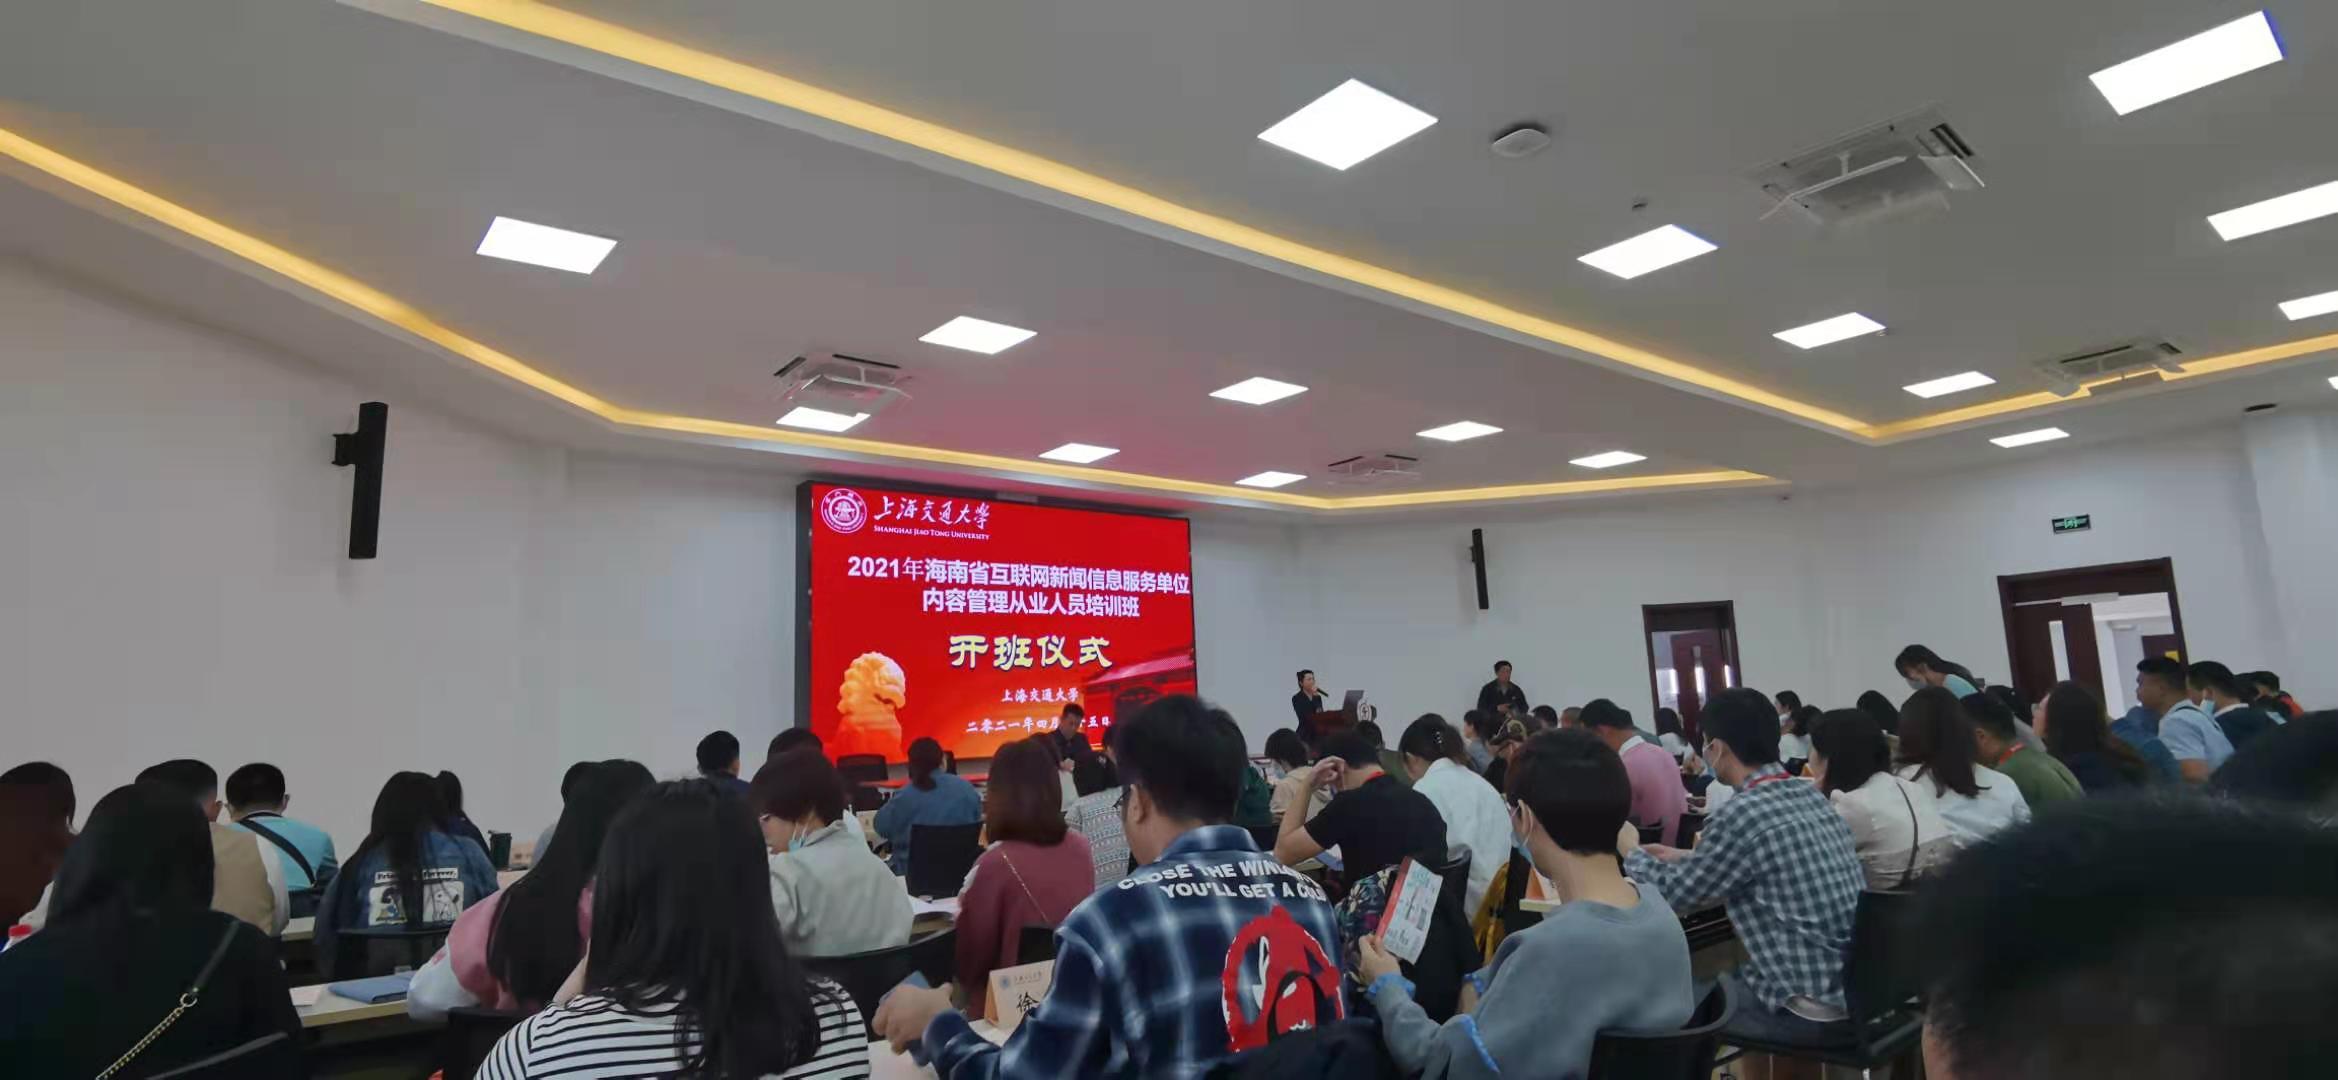 2021年海南省互联网新 闻信息办事单位内容解决从